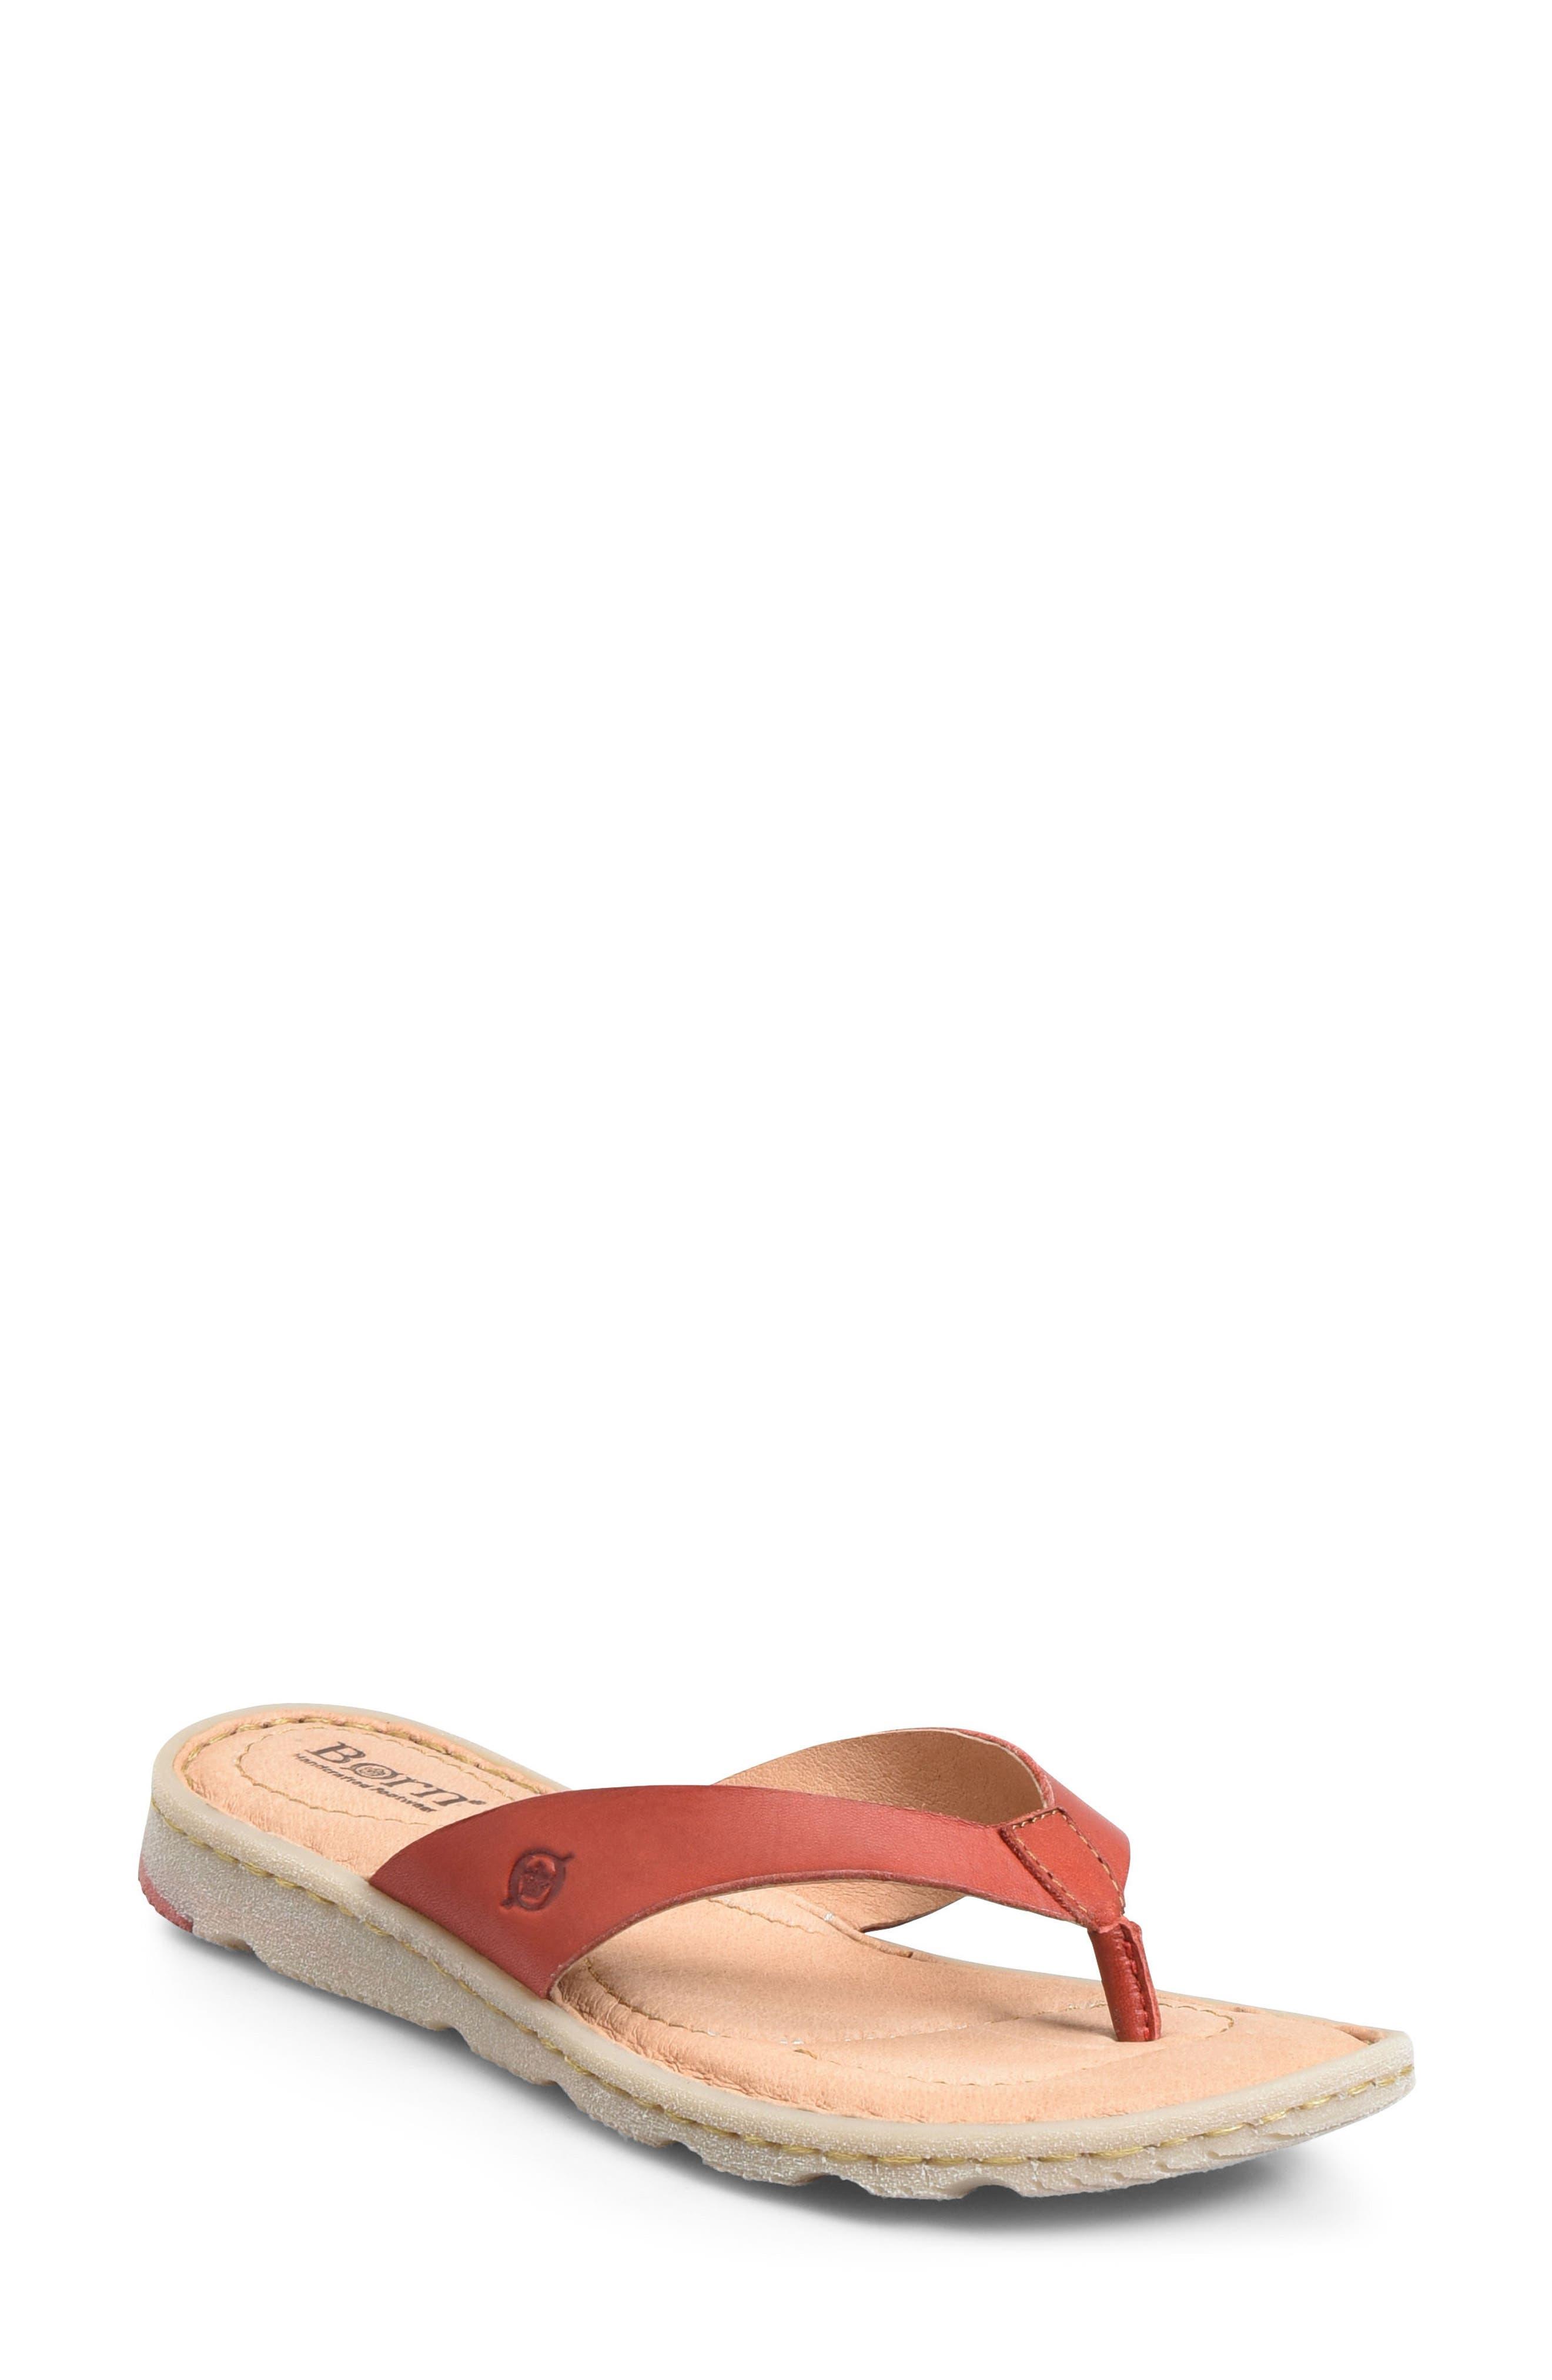 Børn Tobago Flip Flop (Women)